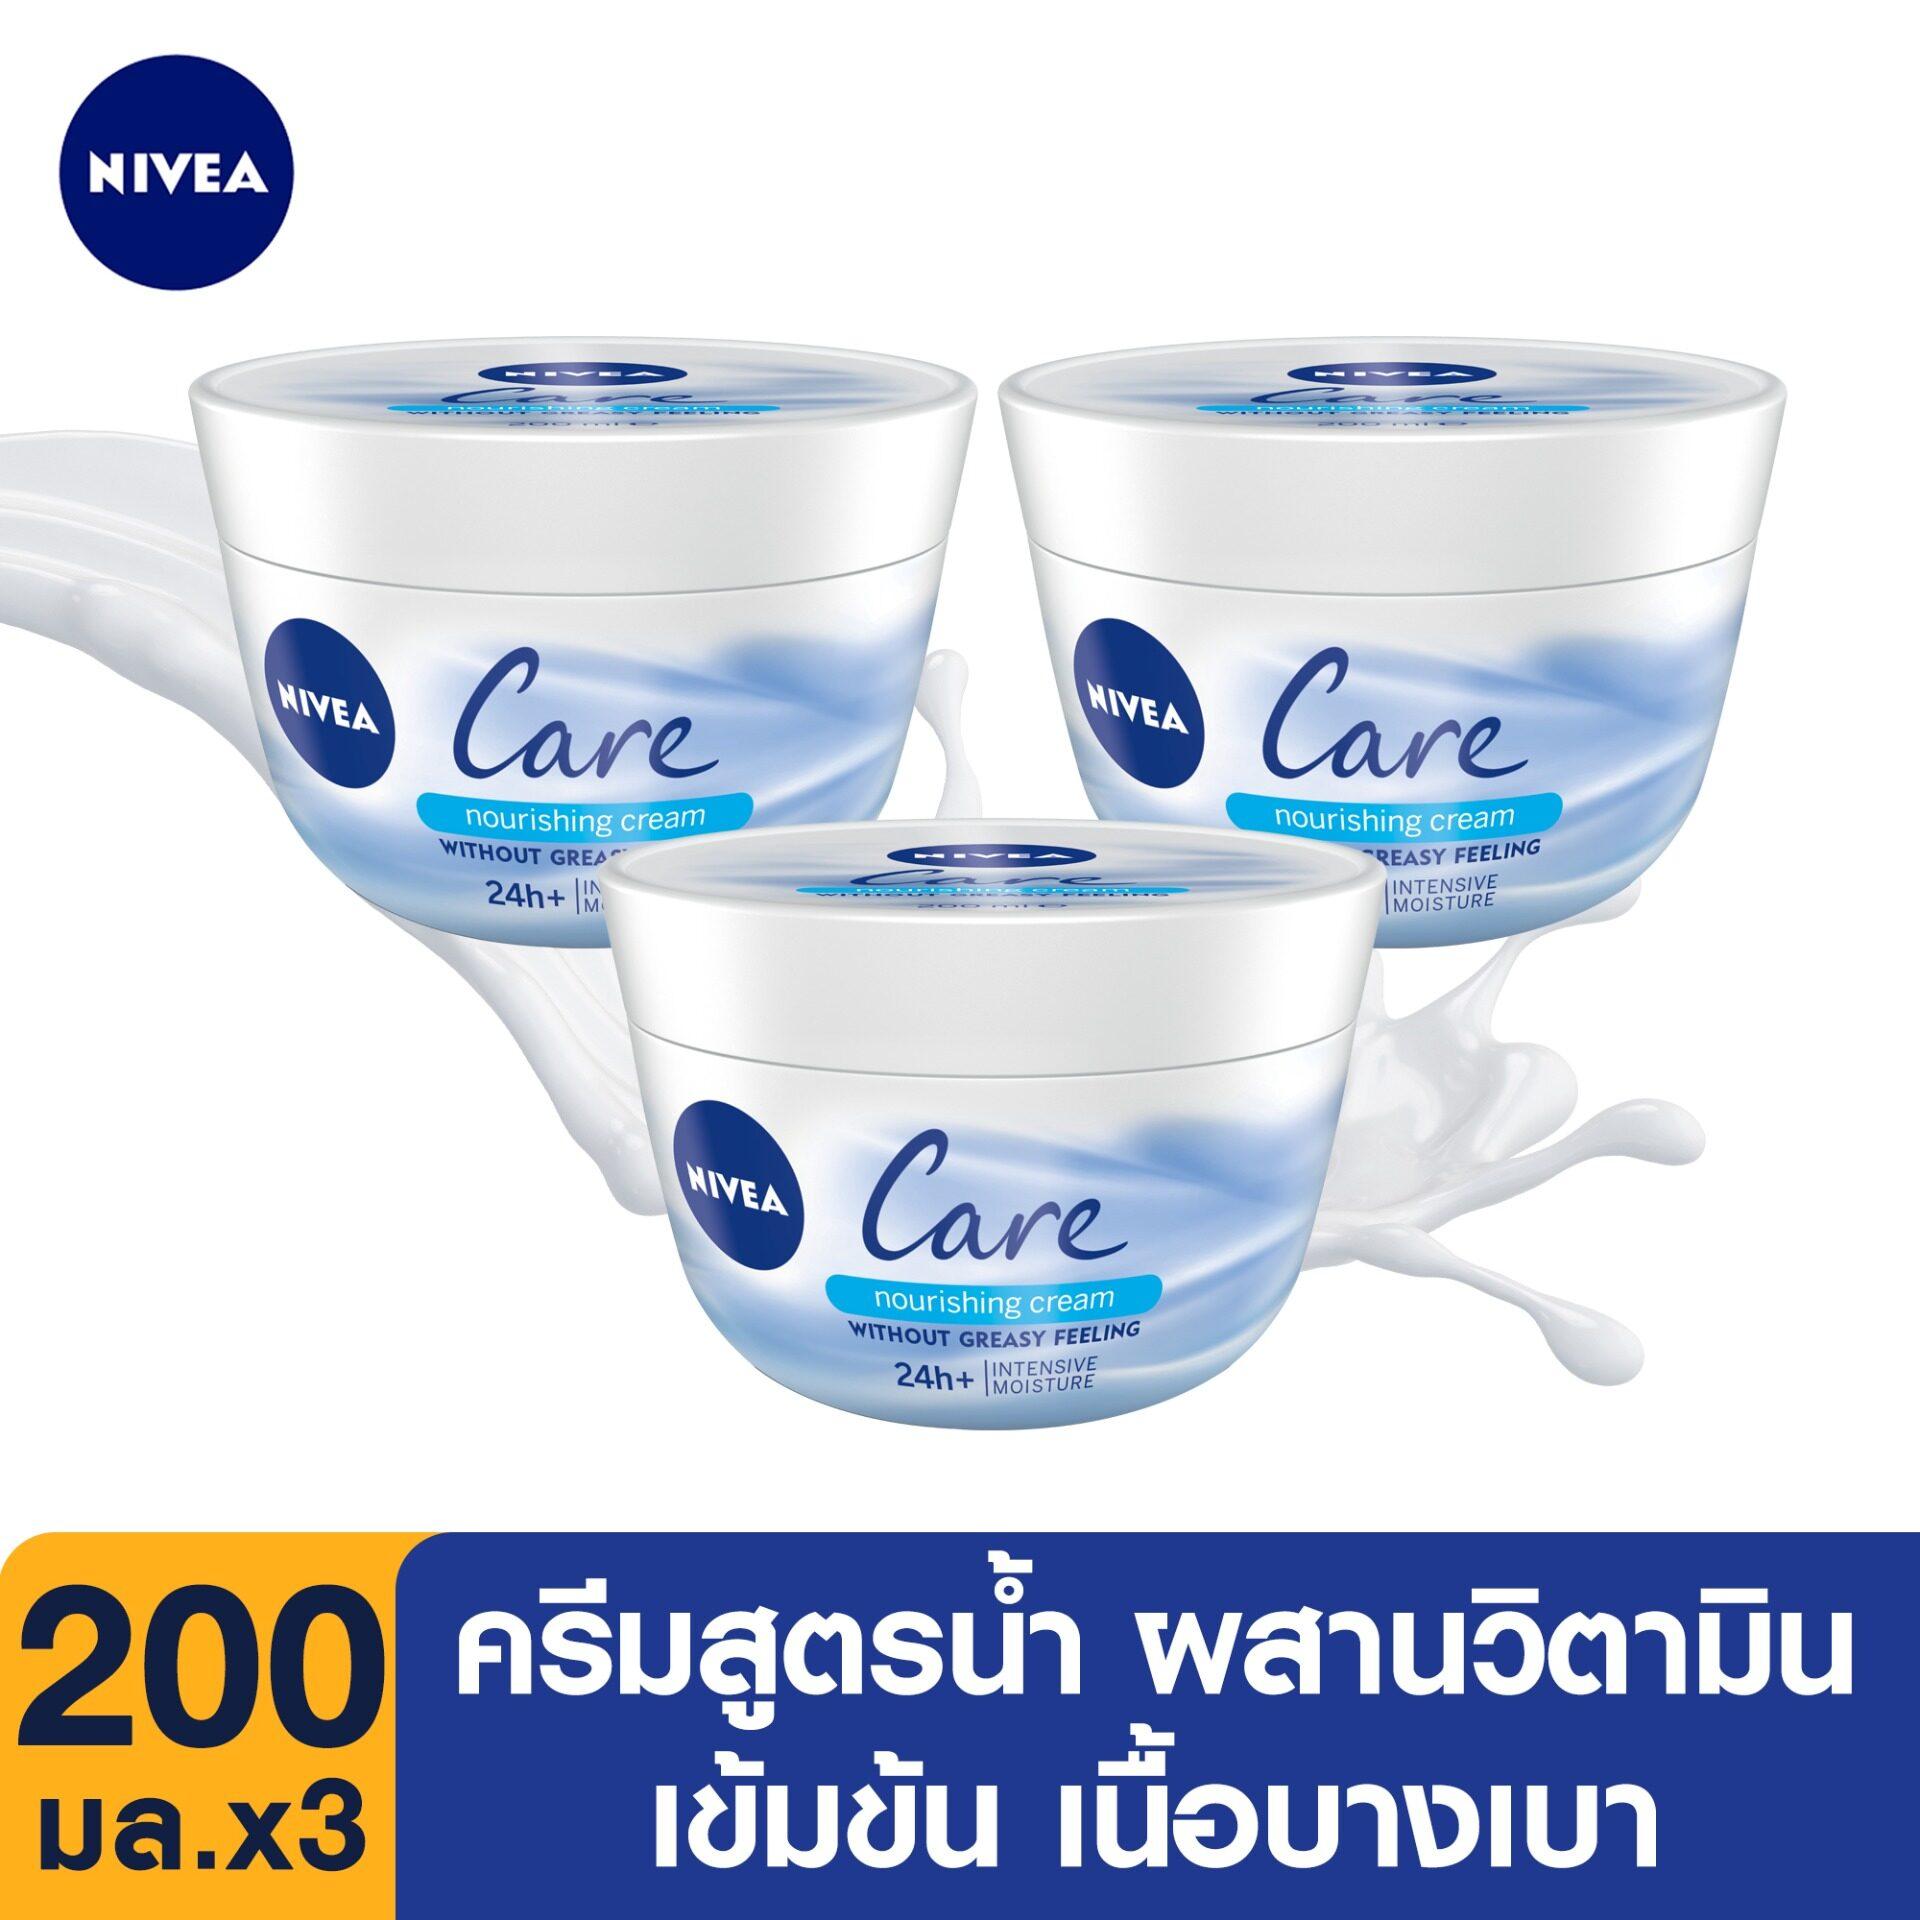 นีเวีย ครีม แคร์ อินเทนซีฟ นอริชเมนท์ 200 มล. 3 ชิ้น NIVEA Cream Care Intensive Nourishment 200 ml. 3 pcs. (ครีมทาผิวขาว, โลชั่นผิวขาว, ครีม บำรุง ผิว, โลชั่นทาผิว, เซรั่มทาผิว, ครีมทาผิว, ครีม)